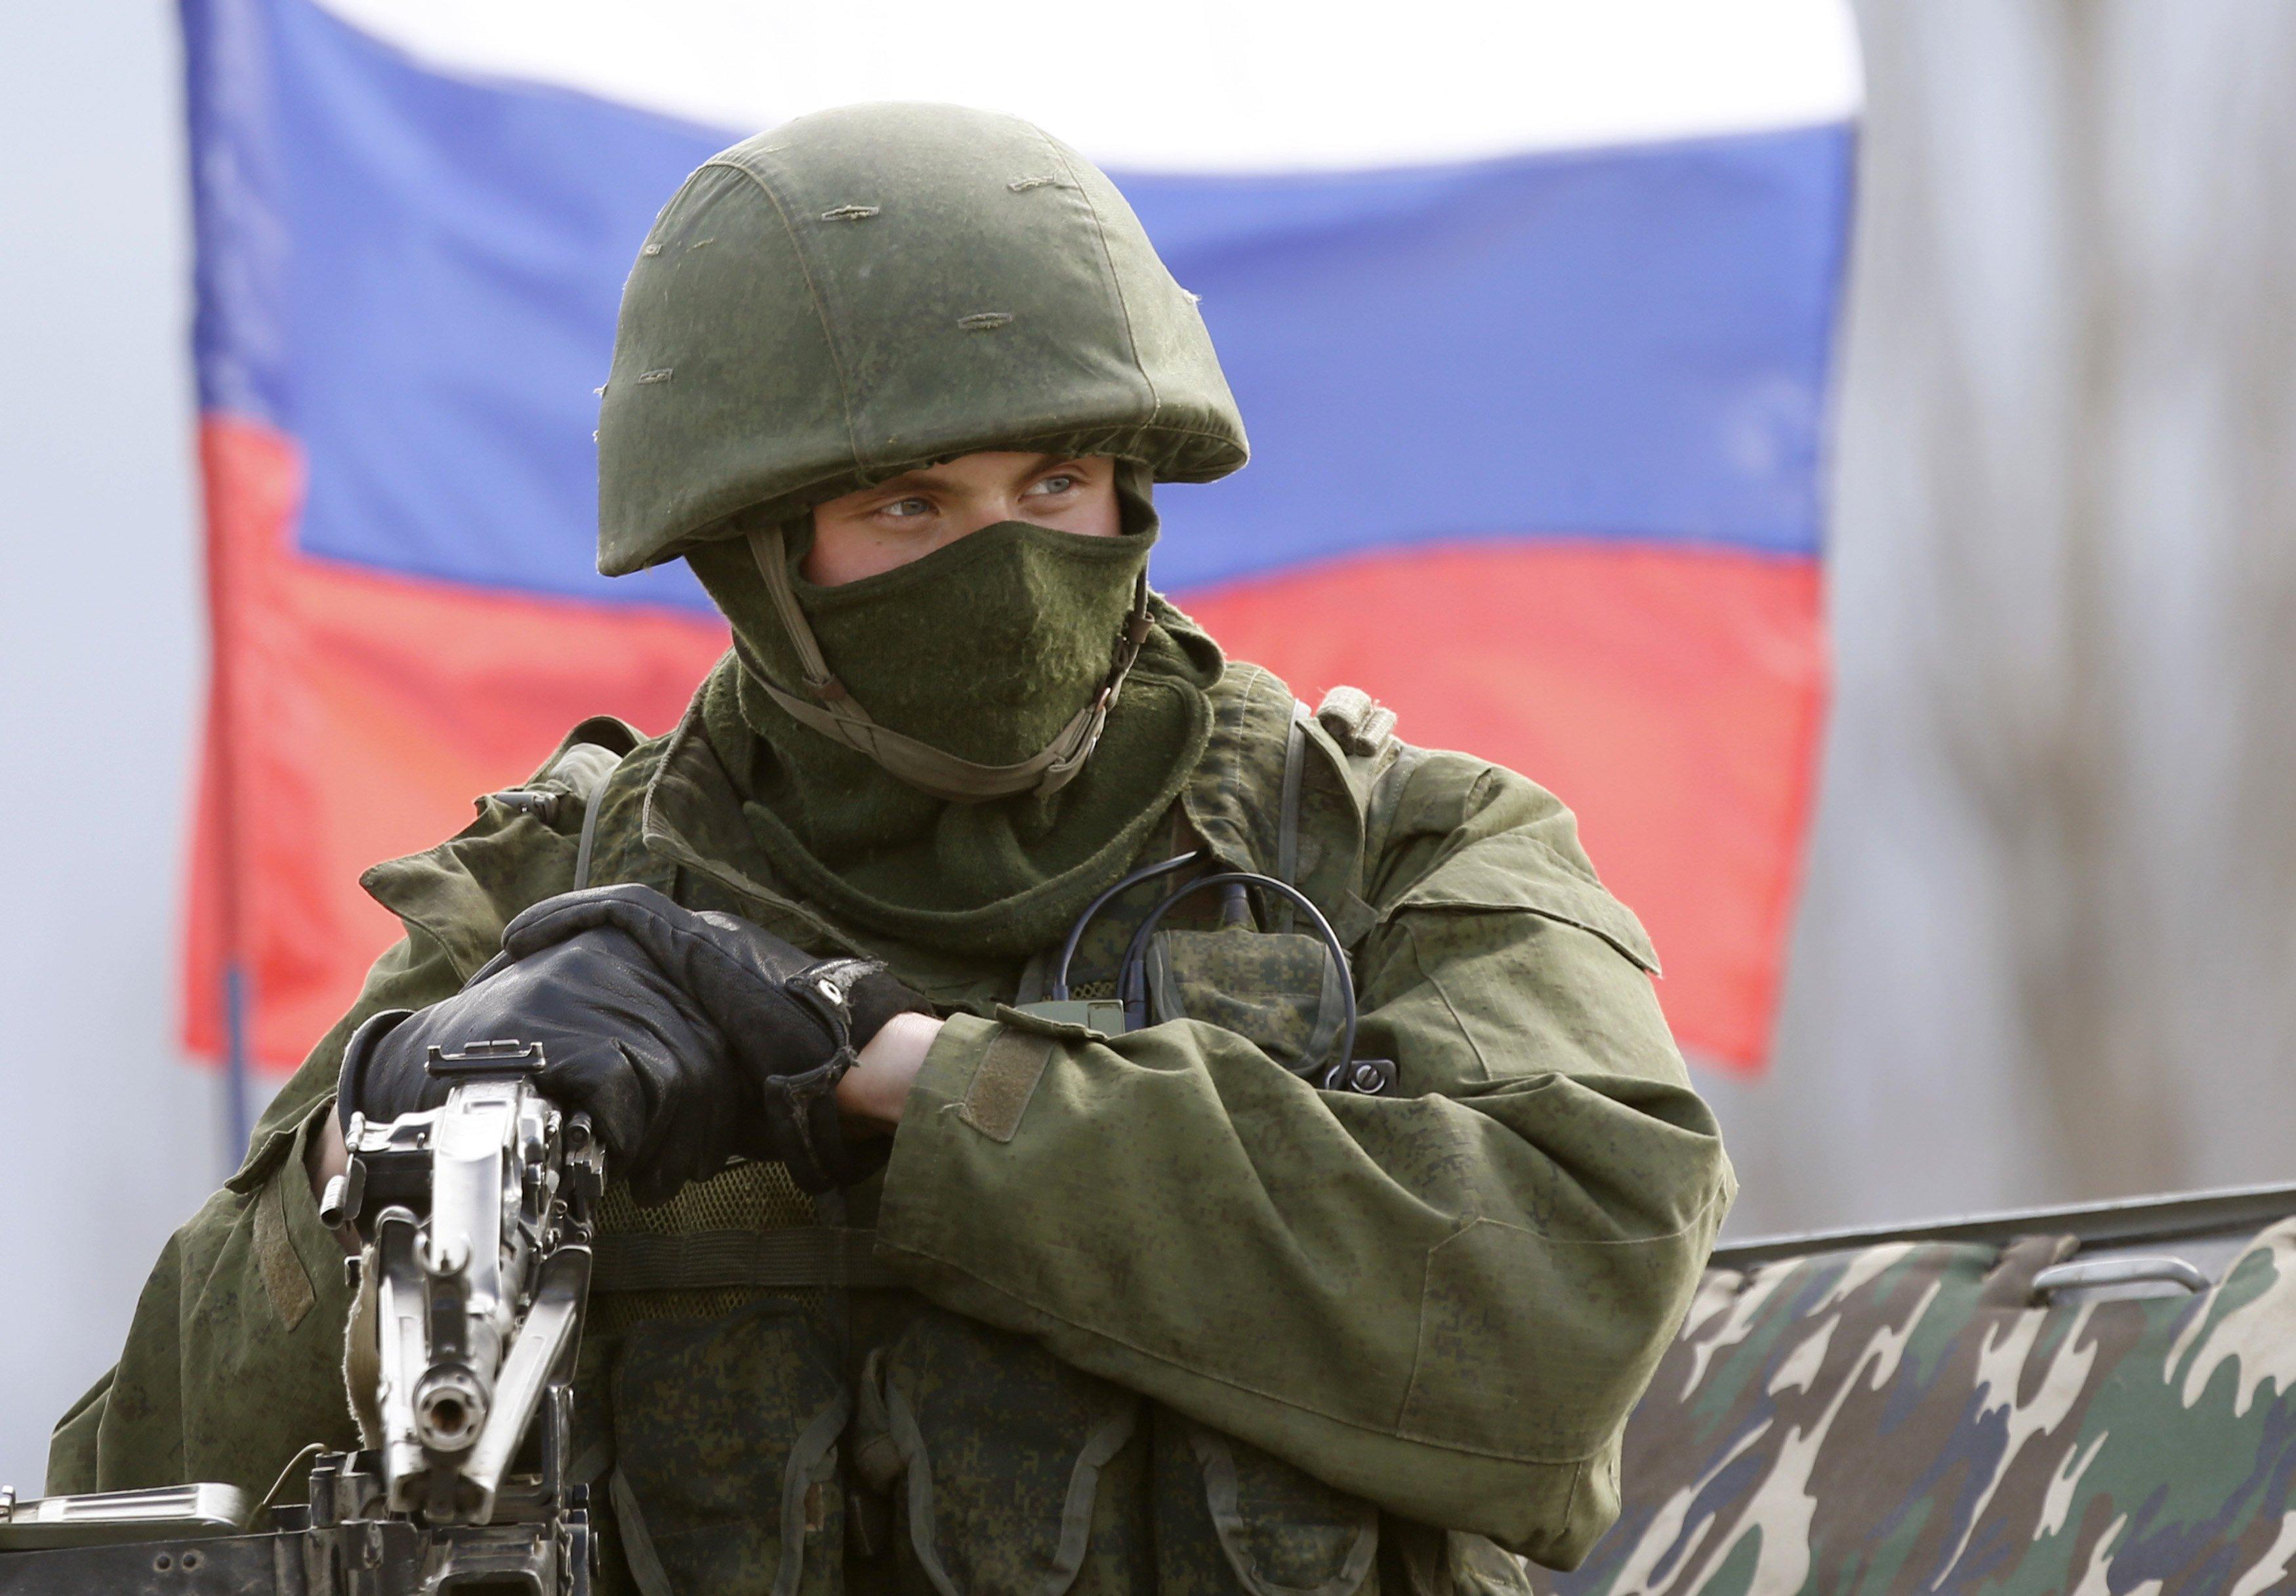 """""""Ру**кий солдат, иди домой, только домой: в Крыму, в Луганске и Донецке тебе уже не рады – цветов не будет"""", - блогер"""